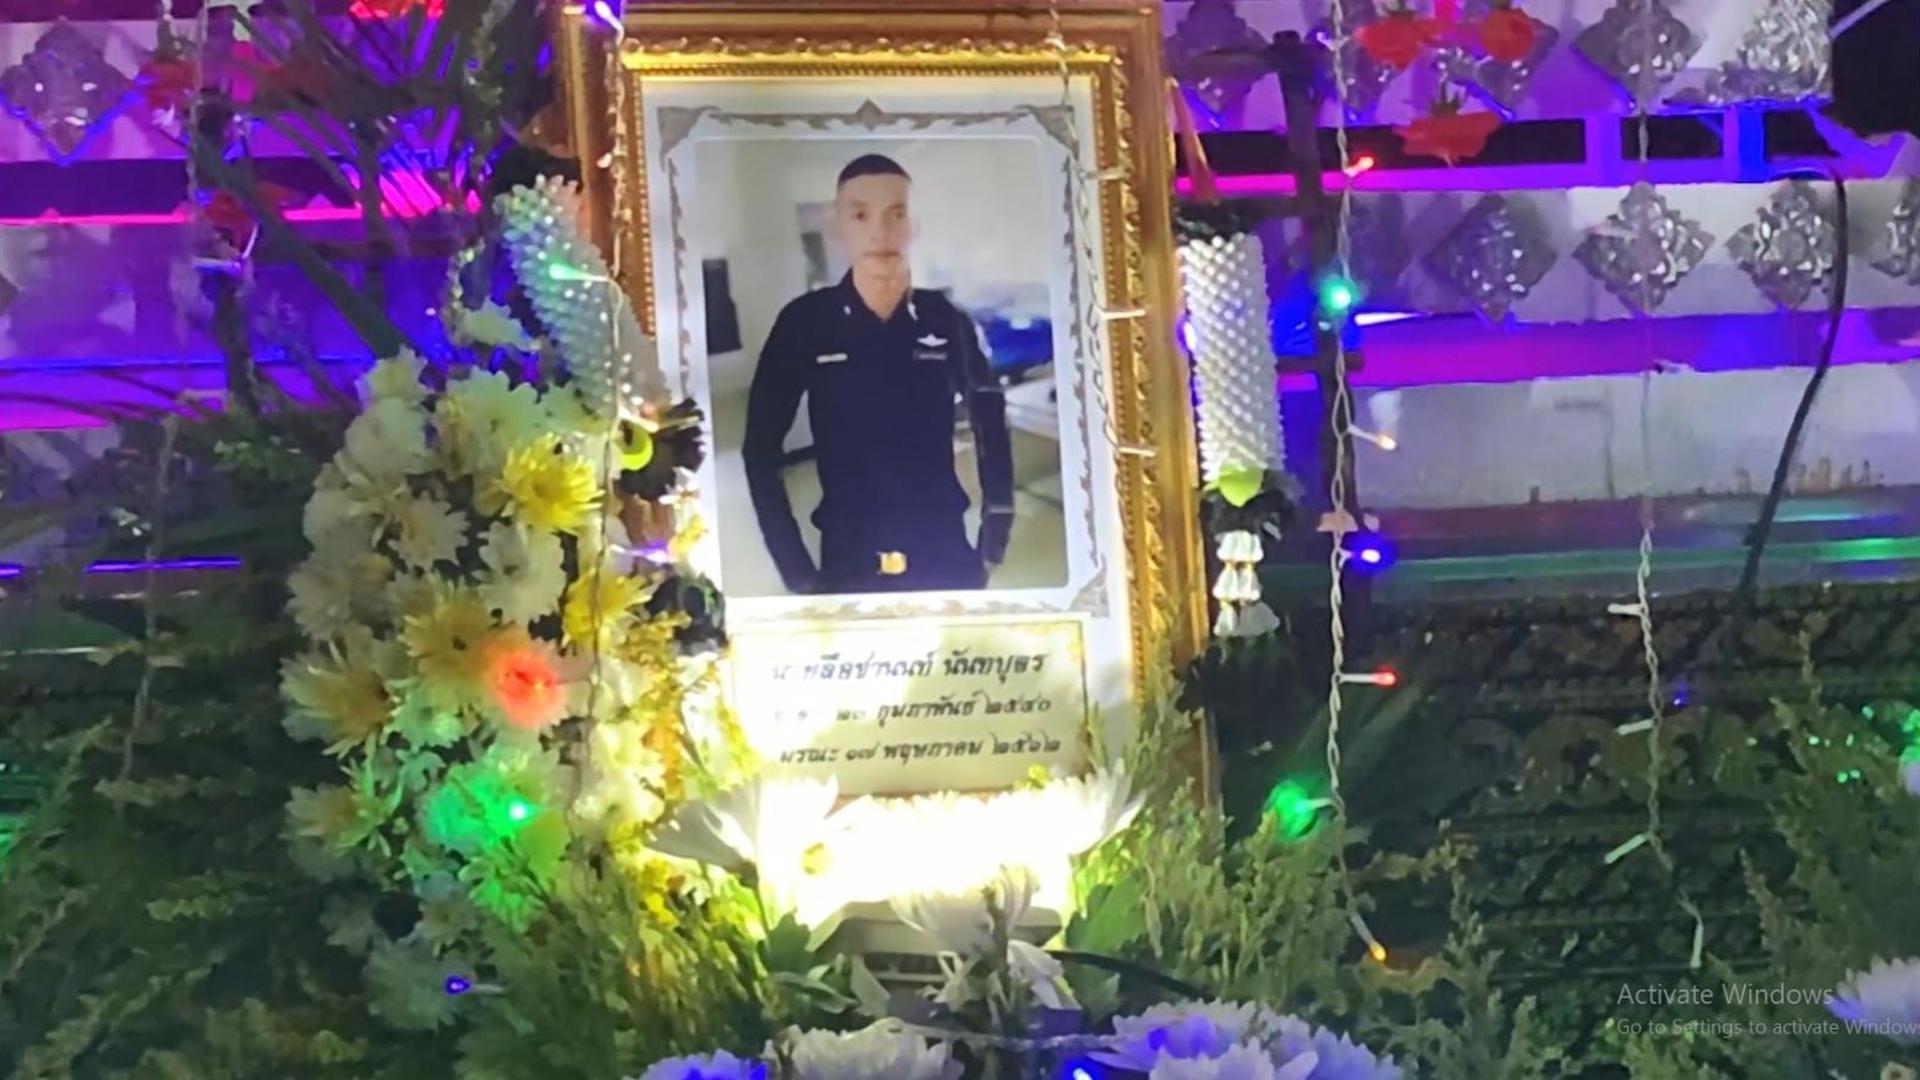 """พ่อ """"พลทหารนนท์"""" เผยลูกเคยบอกถูกรุ่นพี่ขู่เอาชีวิต ก่อนกลายเป็นศพ"""